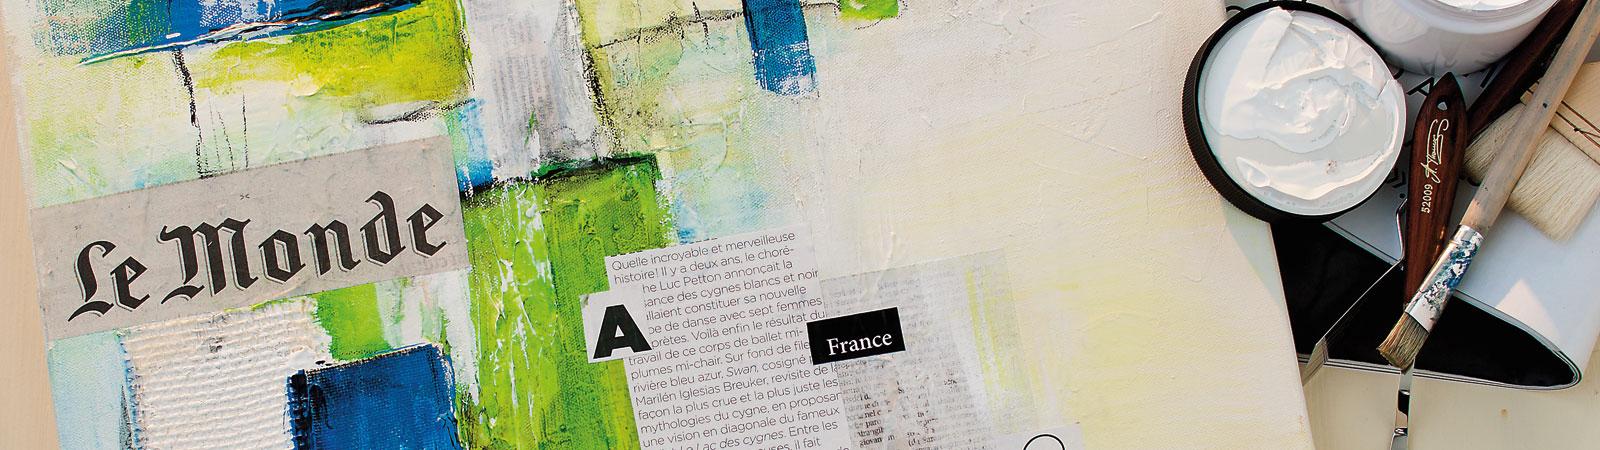 acrylmalerei malen zeichnen ebooks topp kreativ de ist ein internetauftritt der frechverlag gmbh der webshop von deutschlands fuhrendem